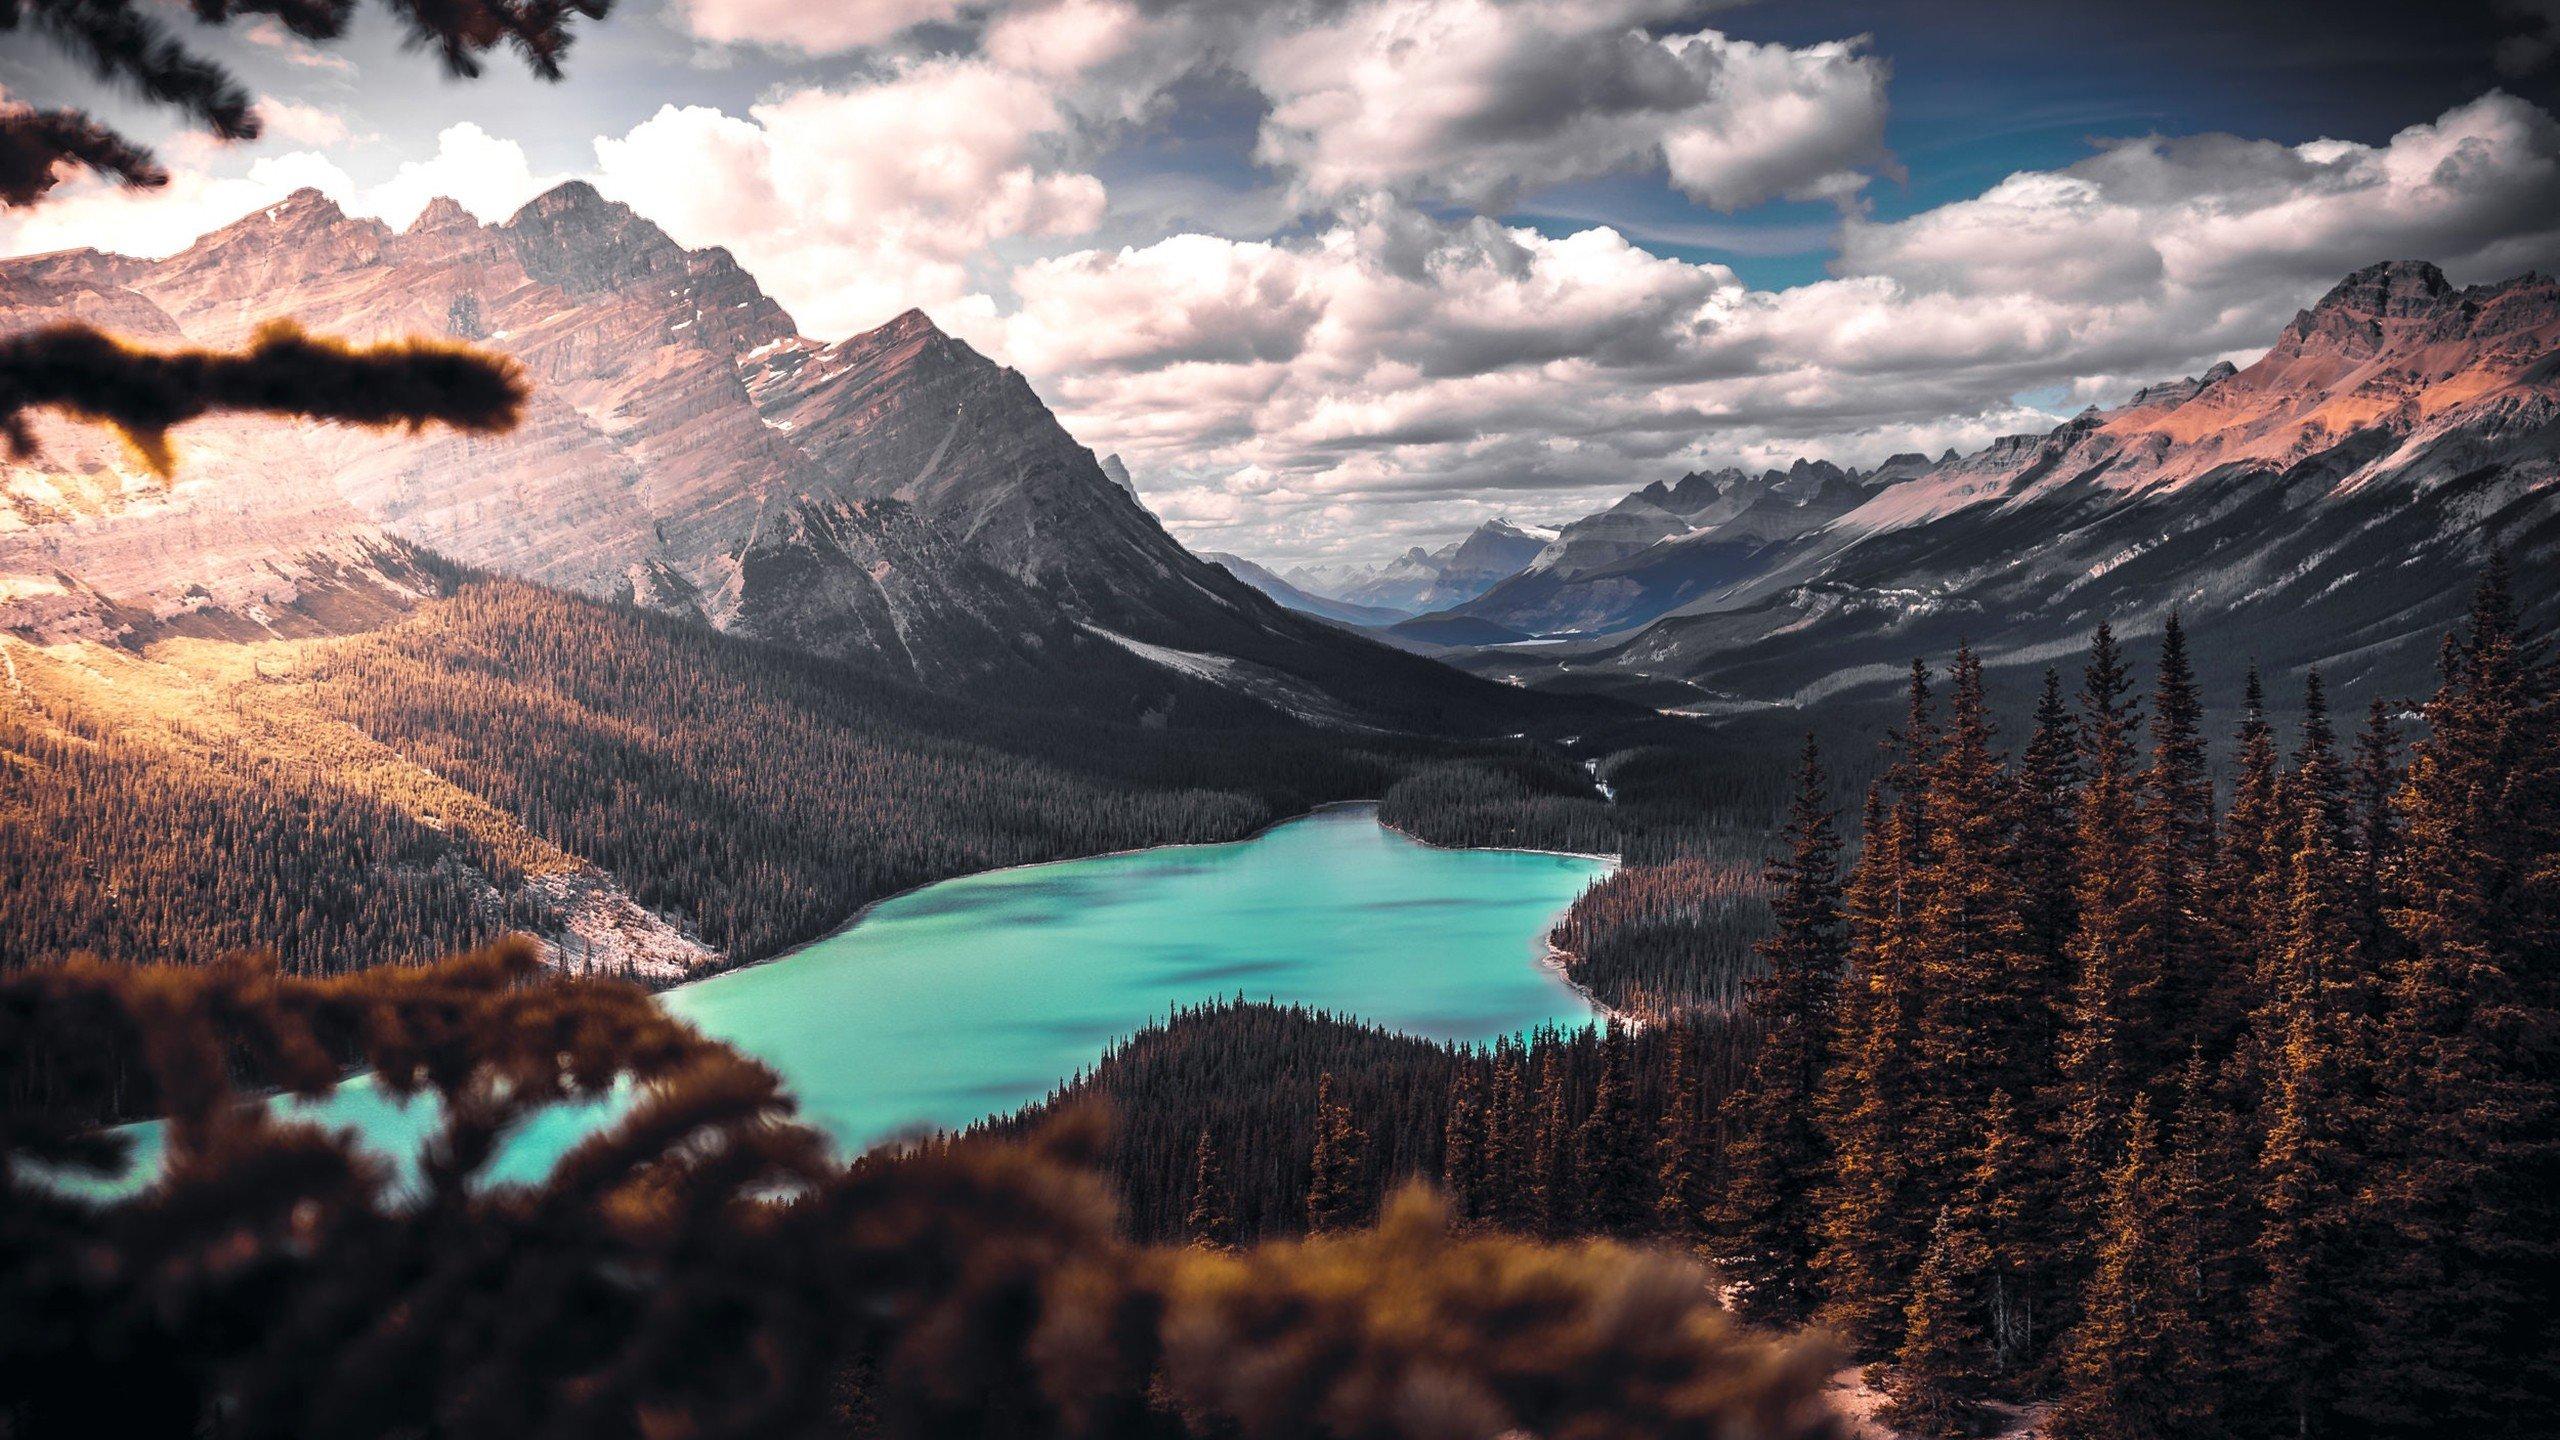 Scenic Landscape HD wallpaper